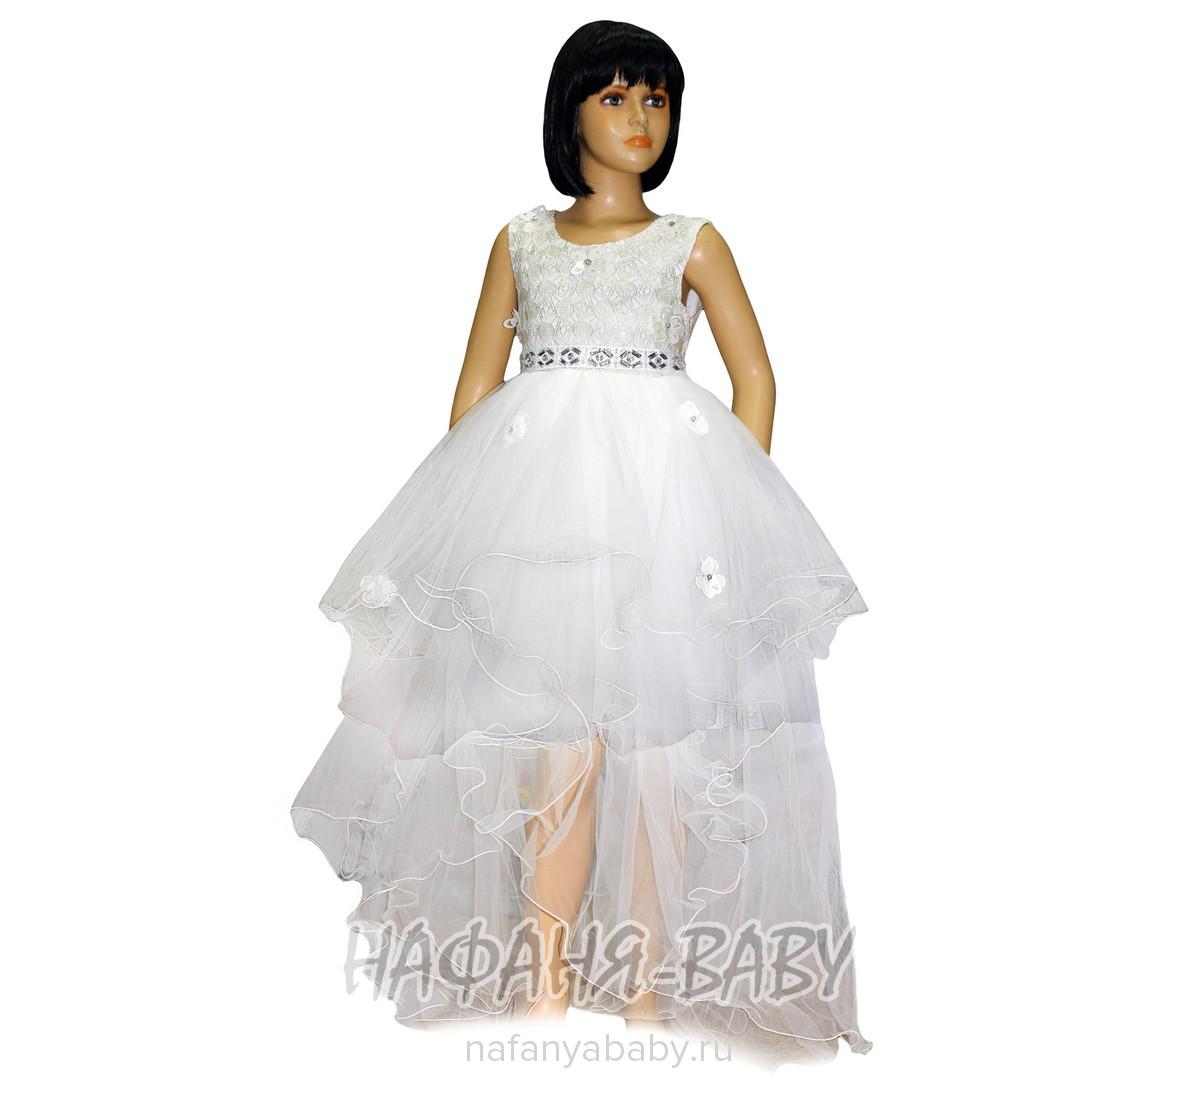 Детское платье AZ.Buka арт: 1029, 10-15 лет, 1-4 года, 5-9 лет, оптом Китай (Пекин)